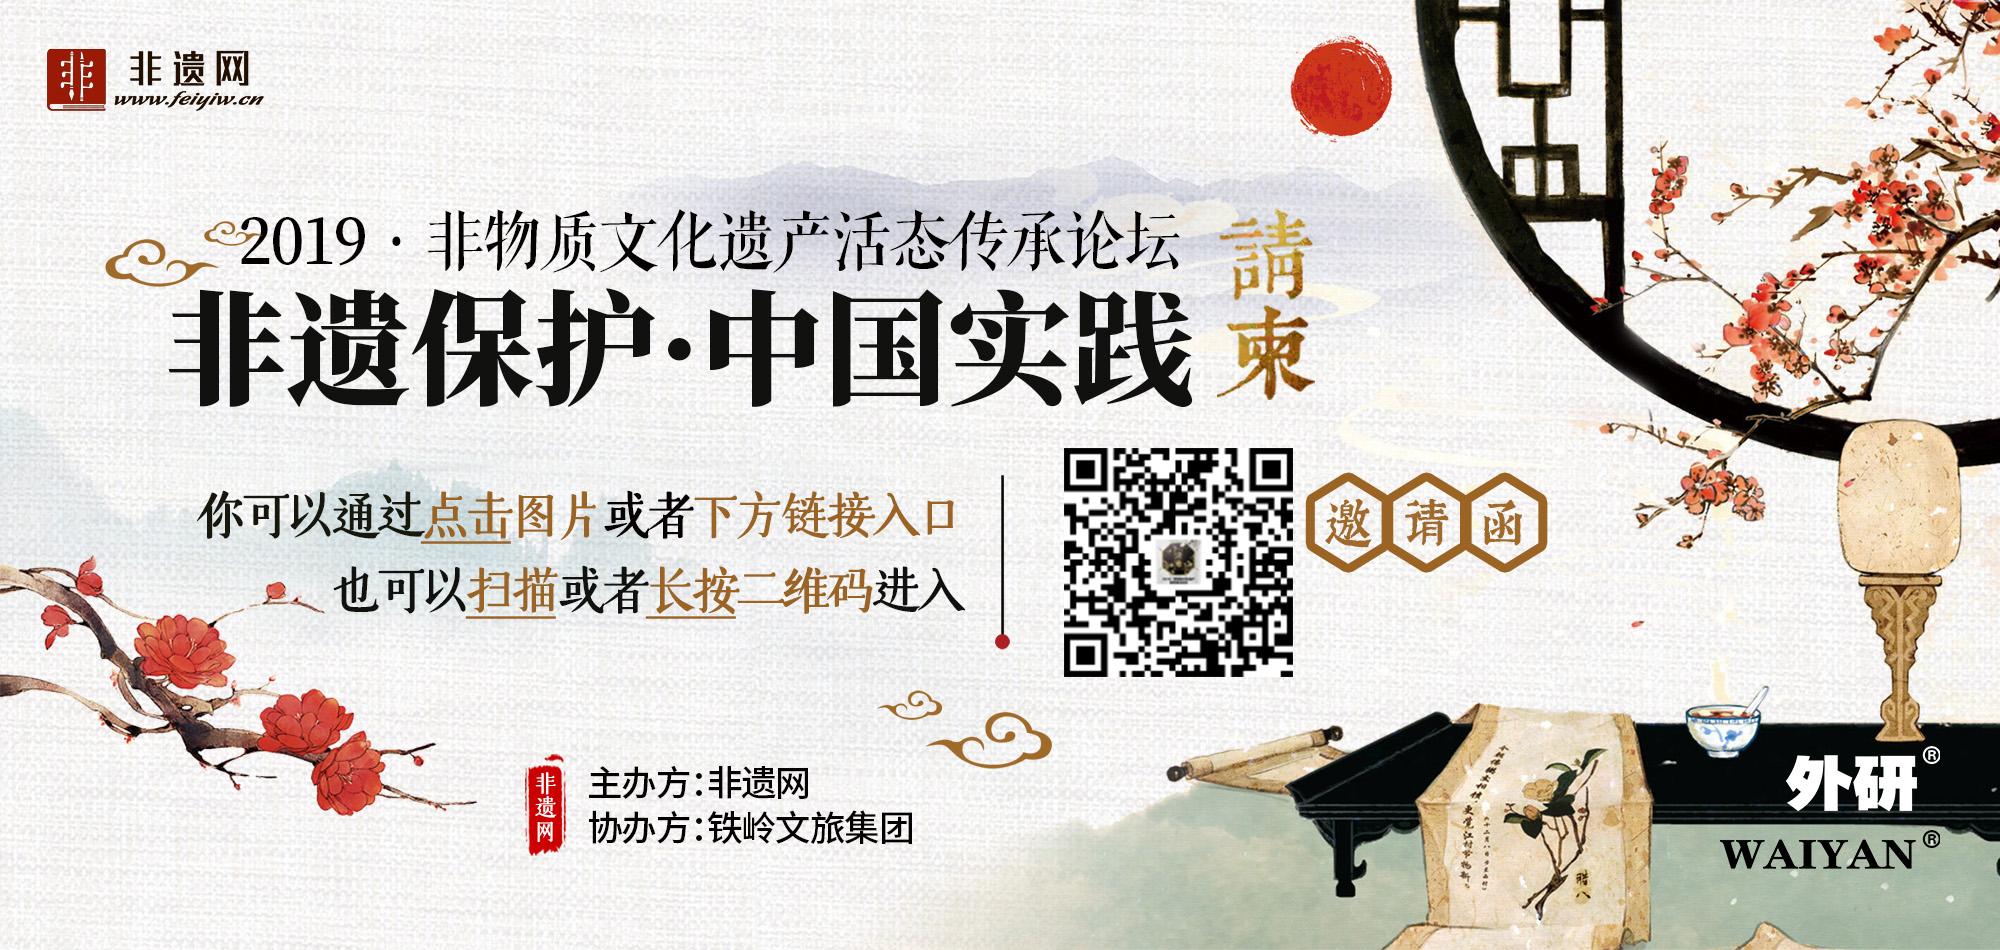 非遗保护中国实践去.jpg